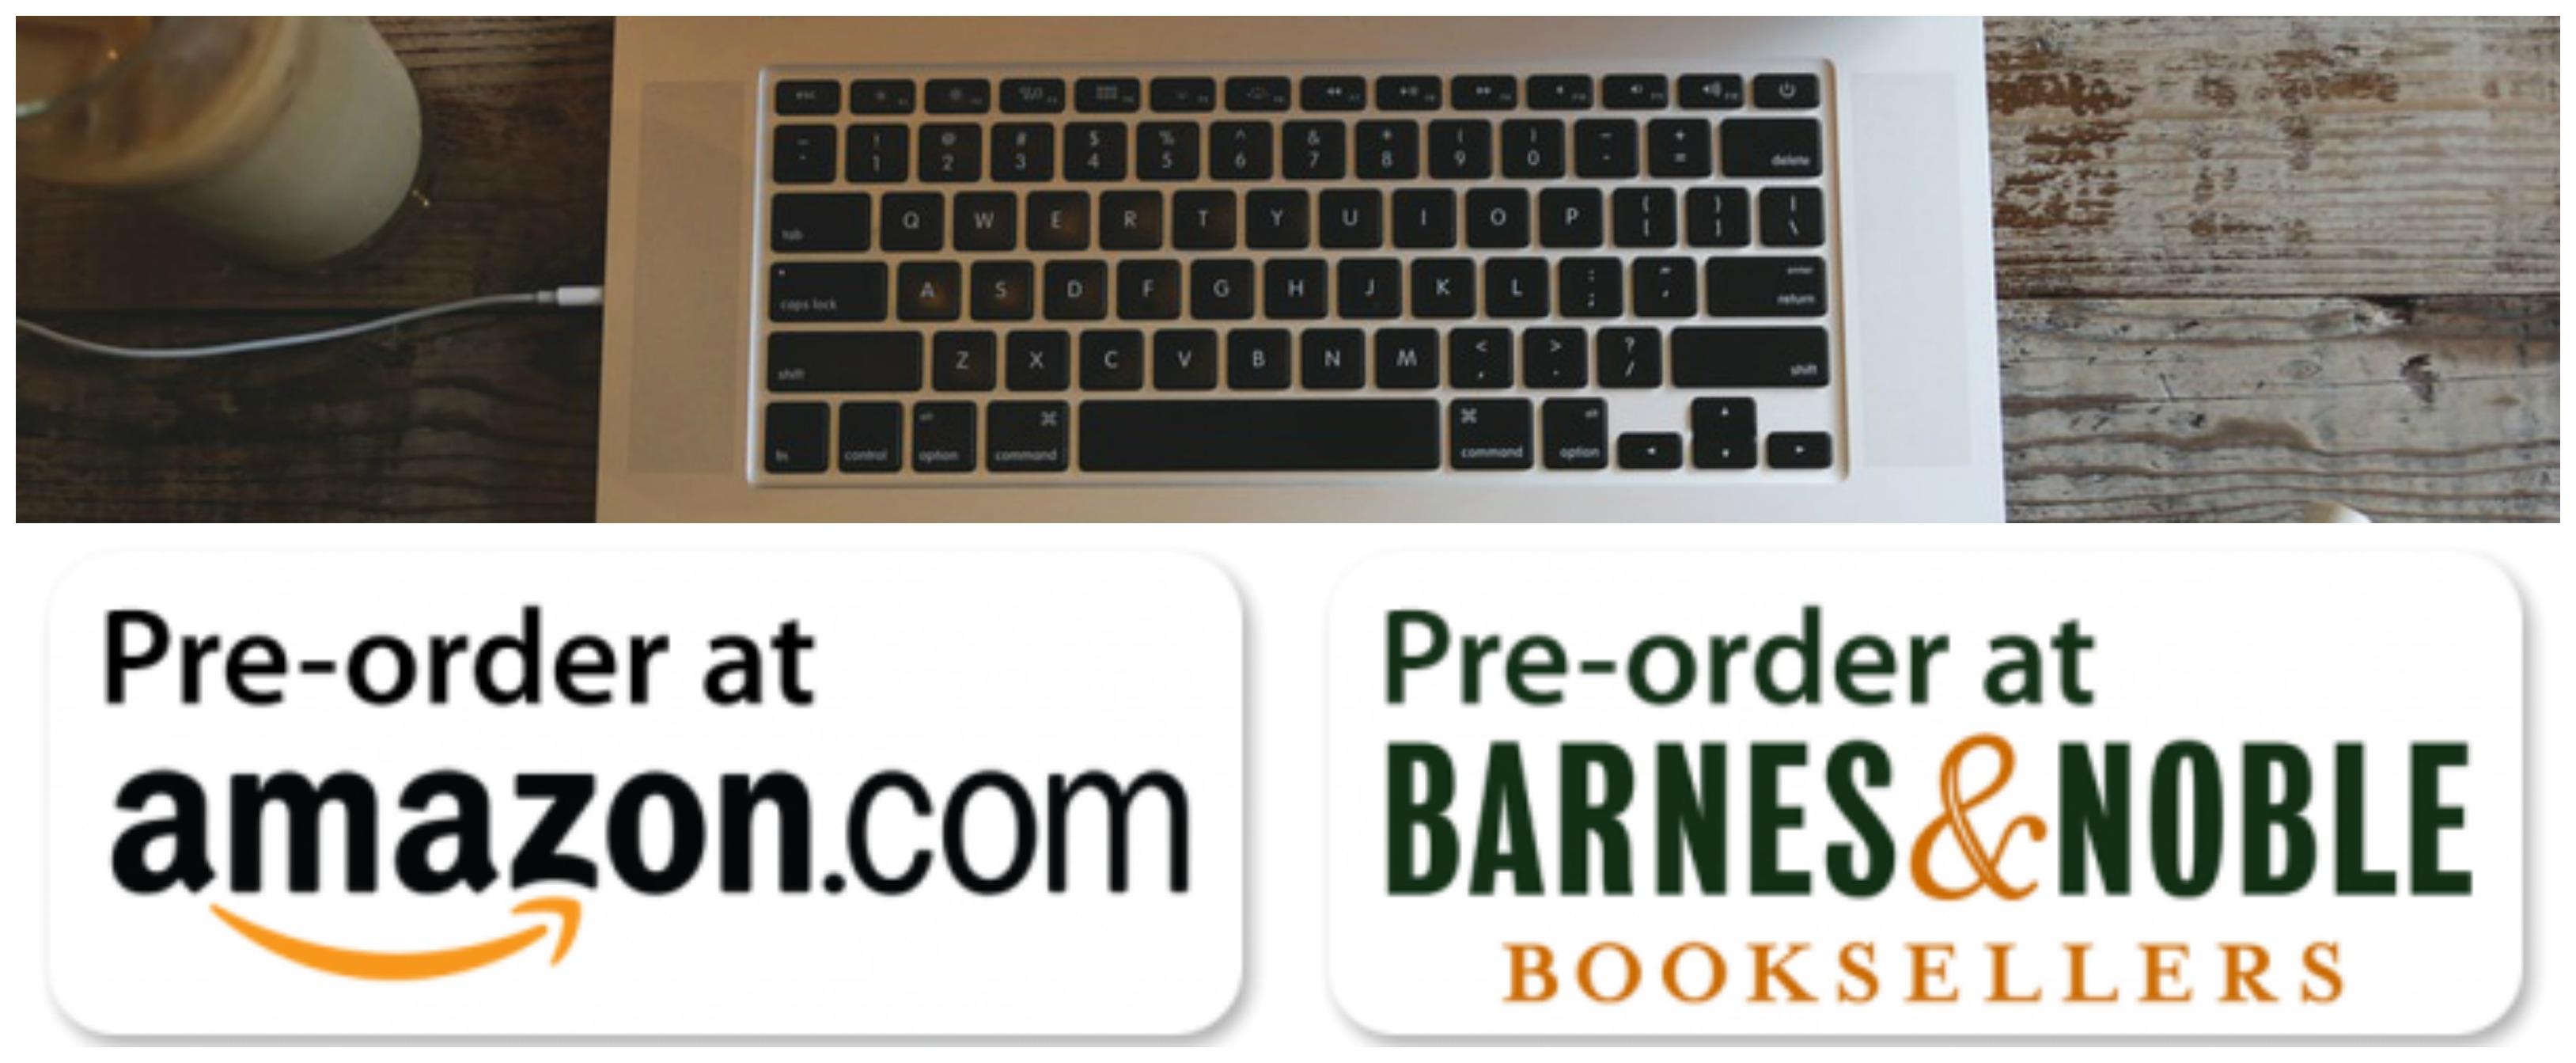 Pre-Ordering Books